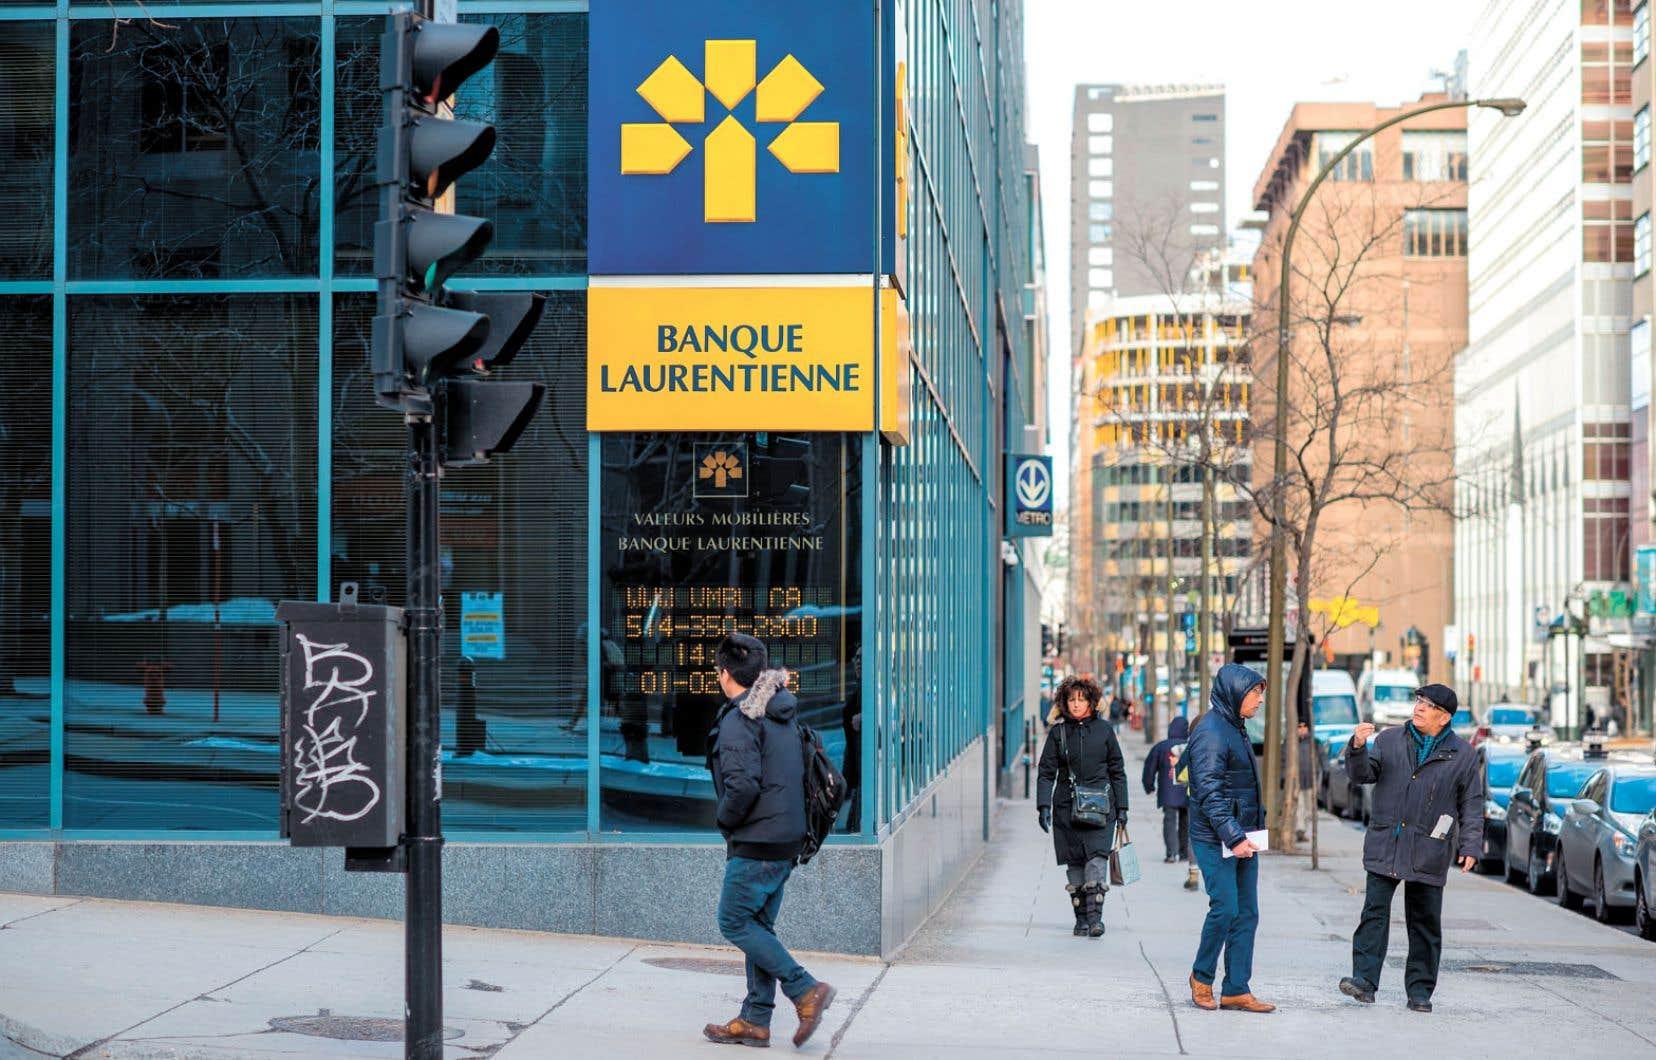 Depuis 2016, la Laurentienne a mis en avant un plan de transformation. Plusieurs postes ont été éliminés et le nombre de succursales est passé de 150 à 100.